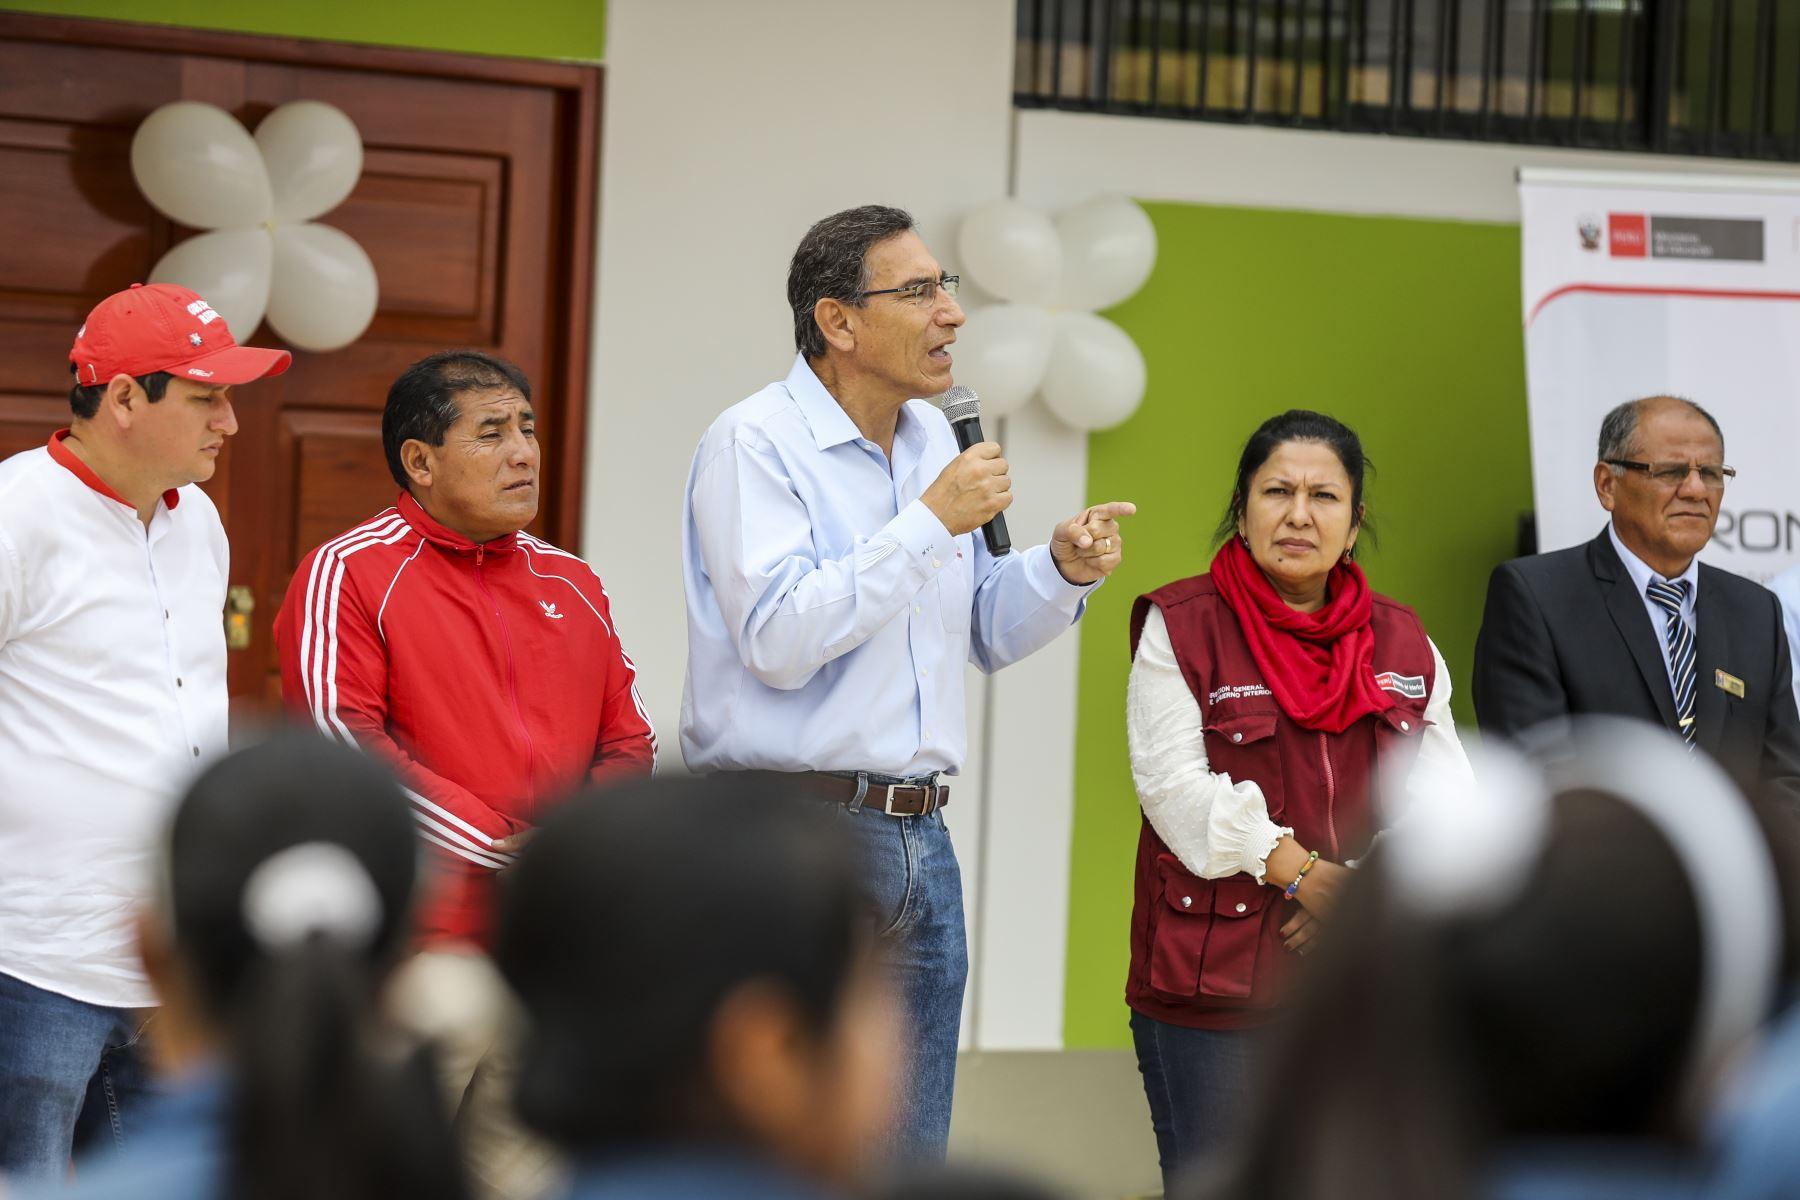 Presidente de la República, Martín Vizcarra, inauguró obras de mejoramiento en la Institución Educativa Miguel Grau de Huarmaca en Piura. Foto: ANDINA/Prensa Presidencia